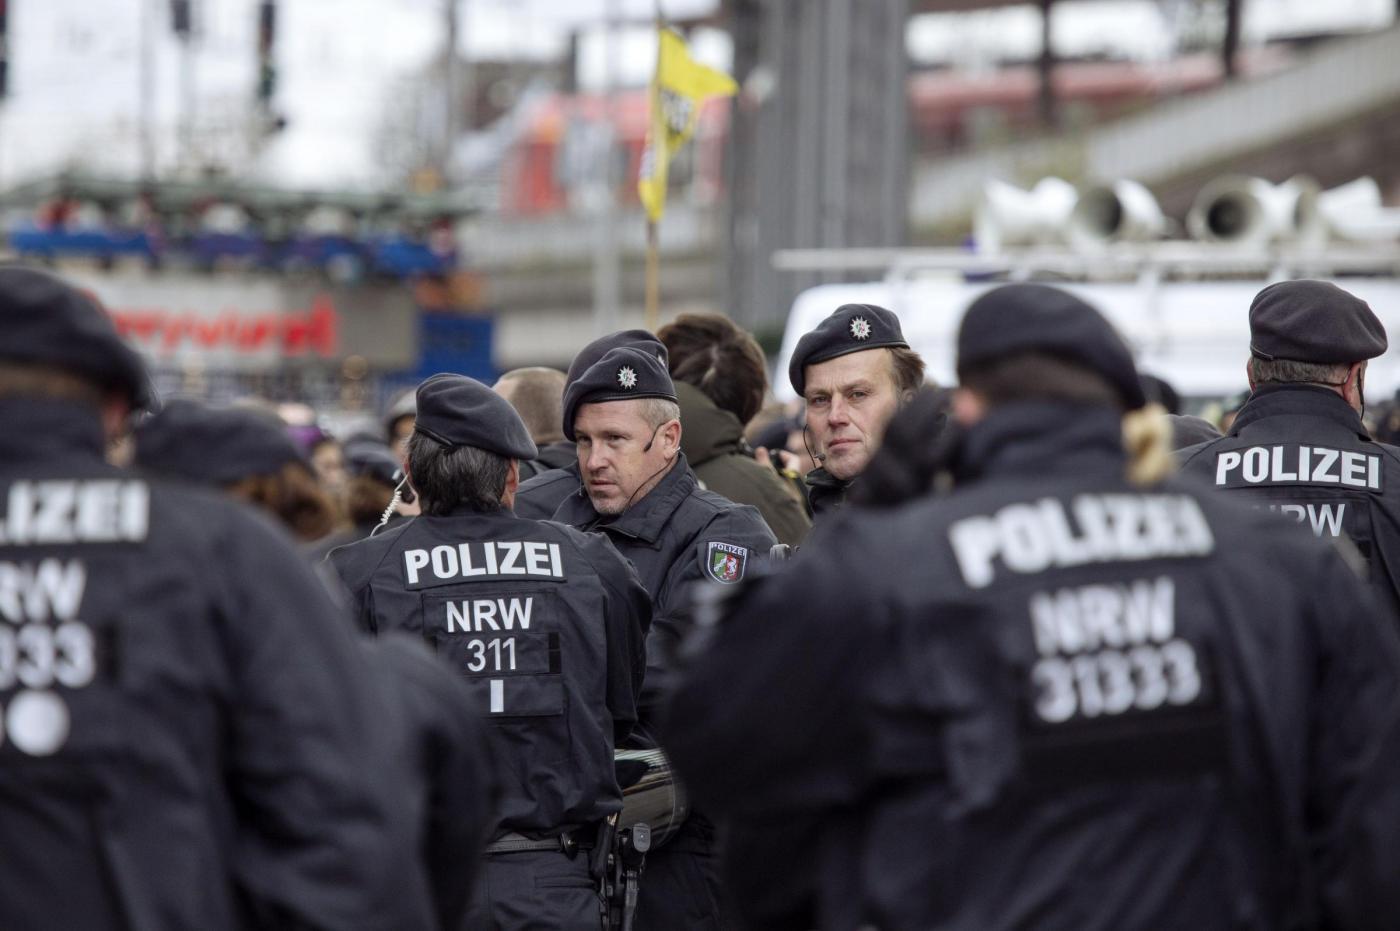 Germania, molestie sessuali al festival di Darmstadt